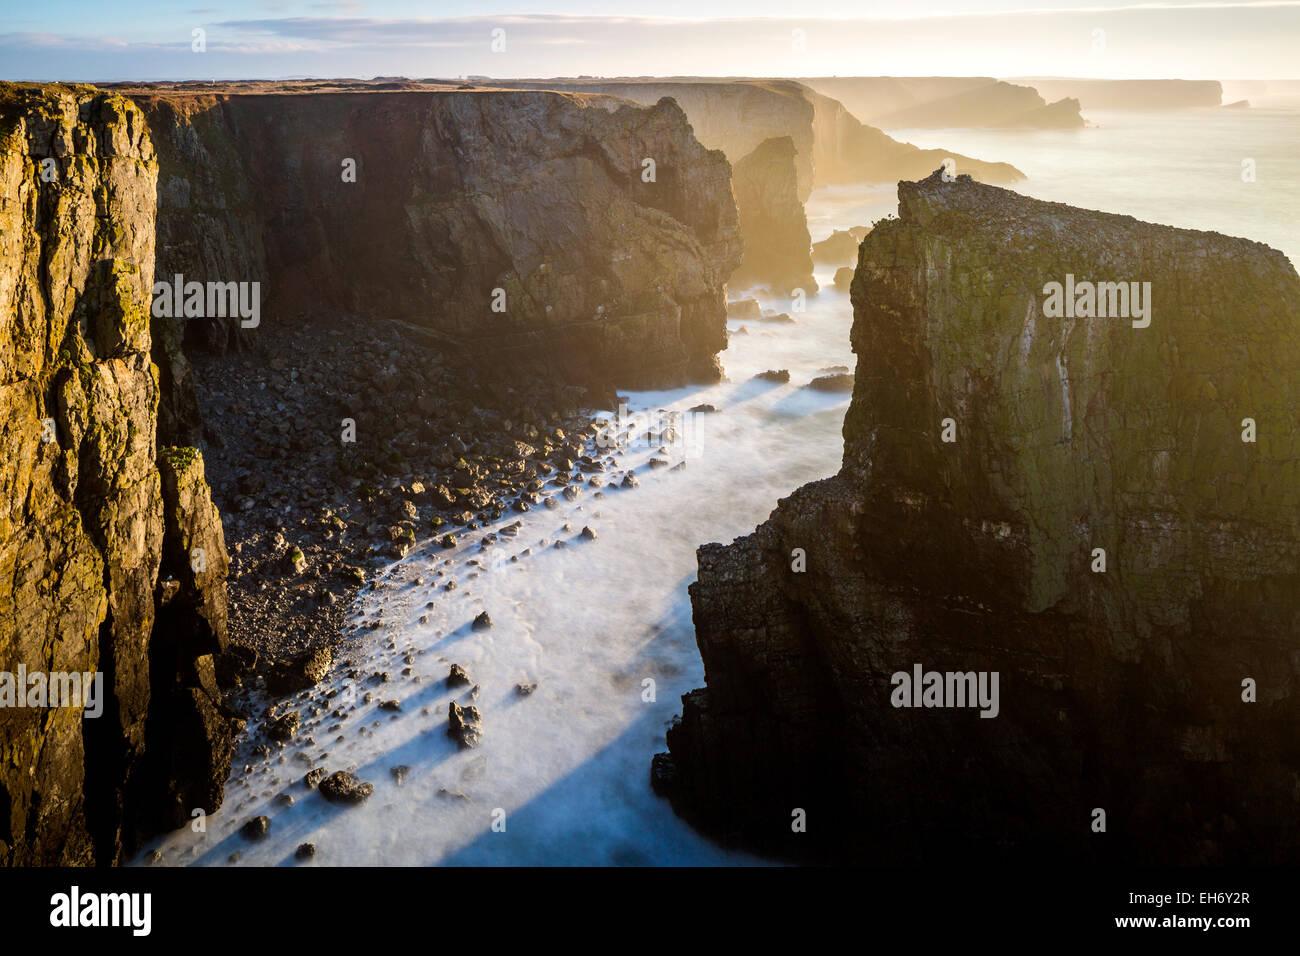 Vue vers Elegug, Pile, Pembrokeshire Coast National Park Merrion, Pembrokeshire, Pays de Galles, Royaume-Uni, Europe. Photo Stock